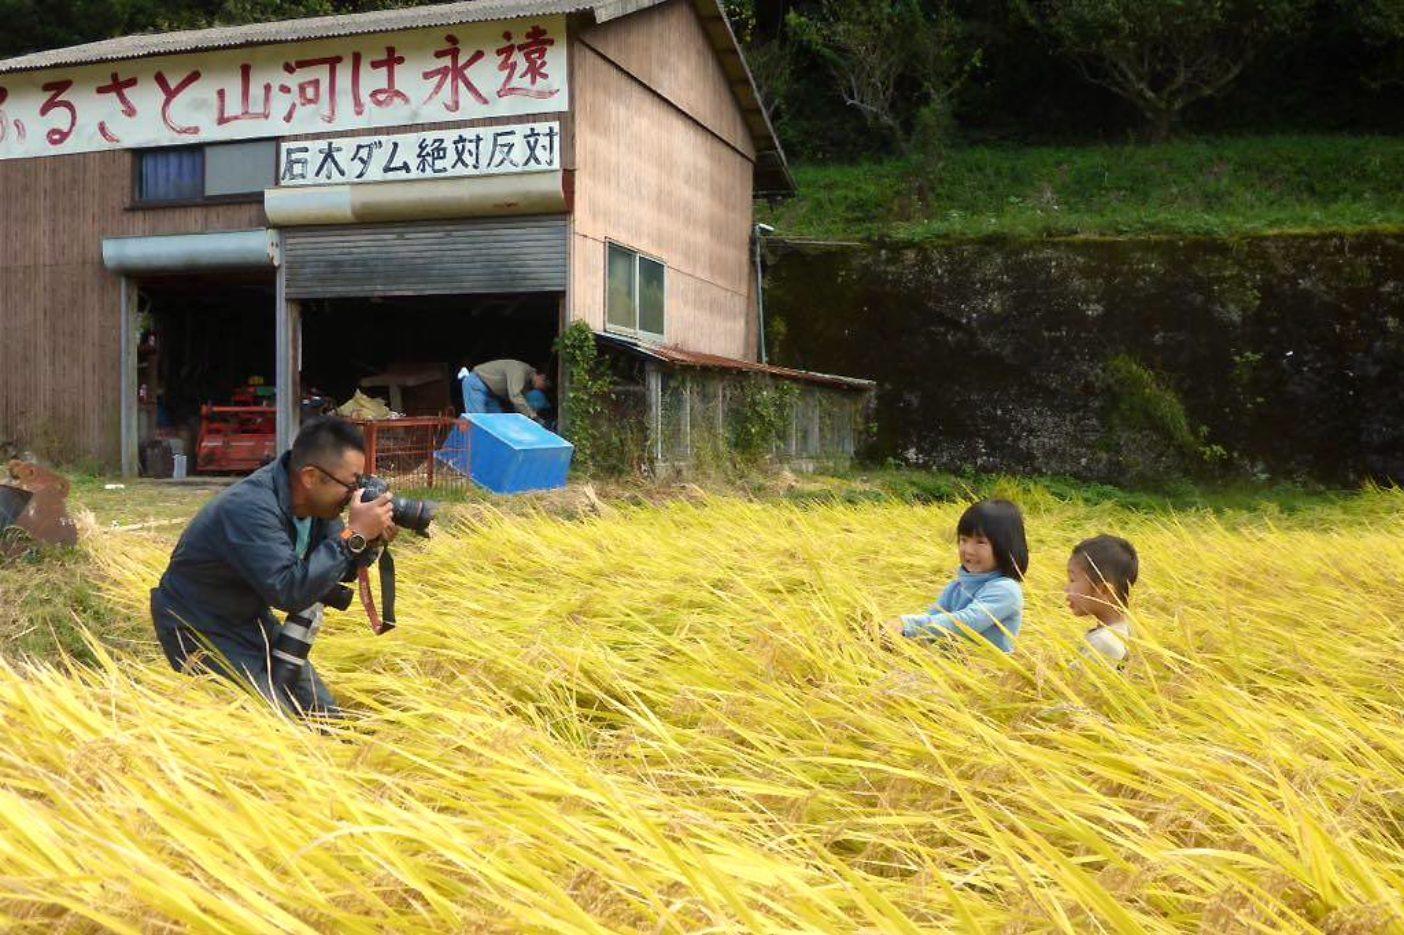 川原地区で取材中の著者。Photo: ISHIMARUHOZUMI